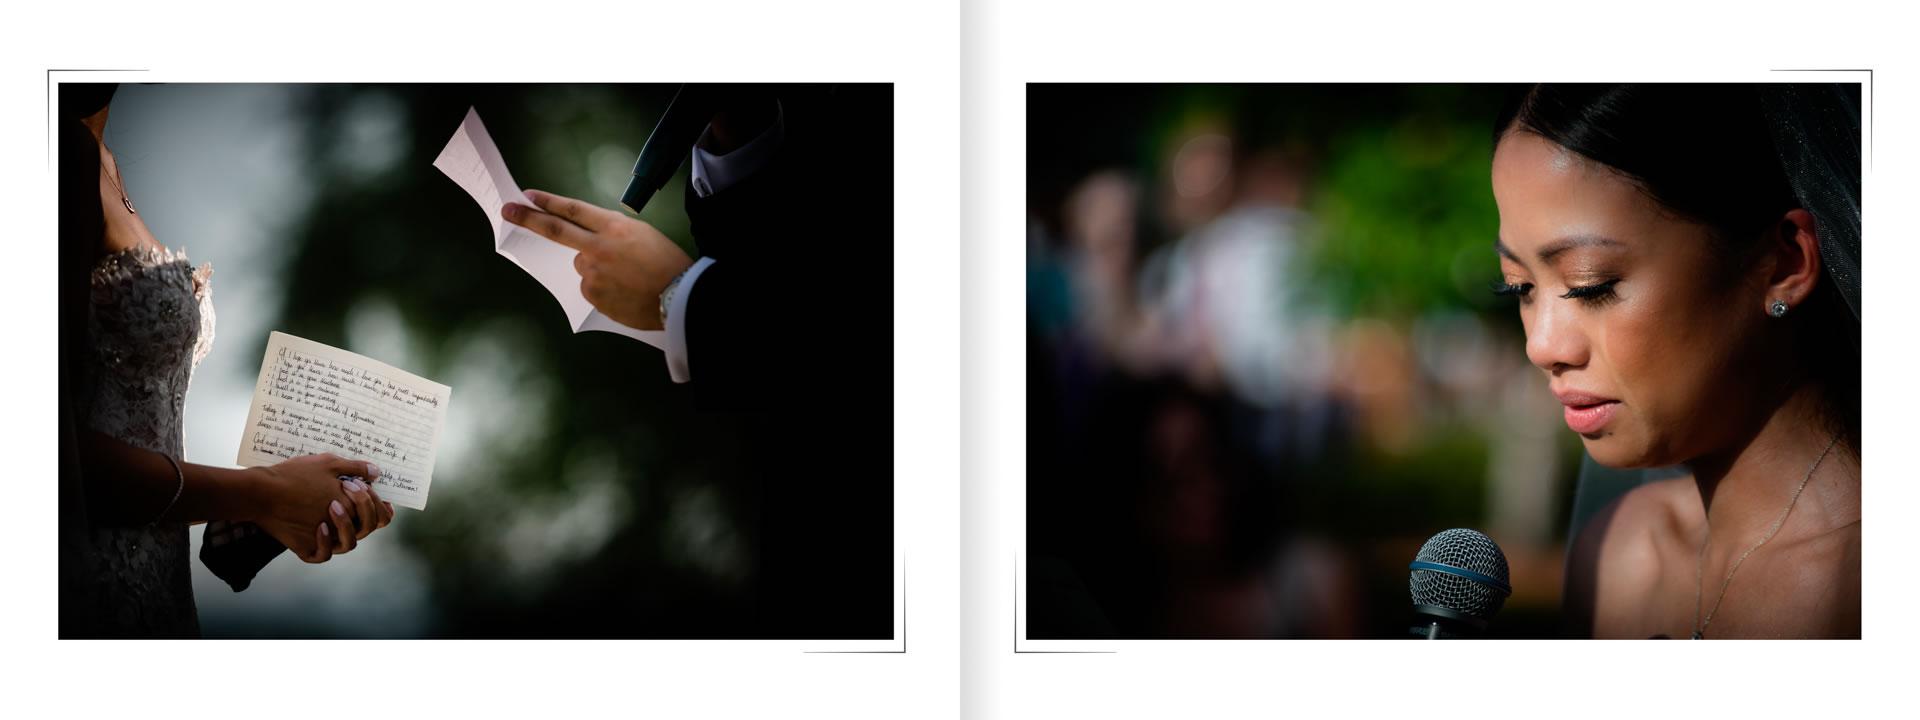 villa-di-maiano-david-bastianoni-photographer-00021 - 21 :: Wedding at Villa di Maiano :: Luxury wedding photography - 20 :: villa-di-maiano-david-bastianoni-photographer-00021 - 21